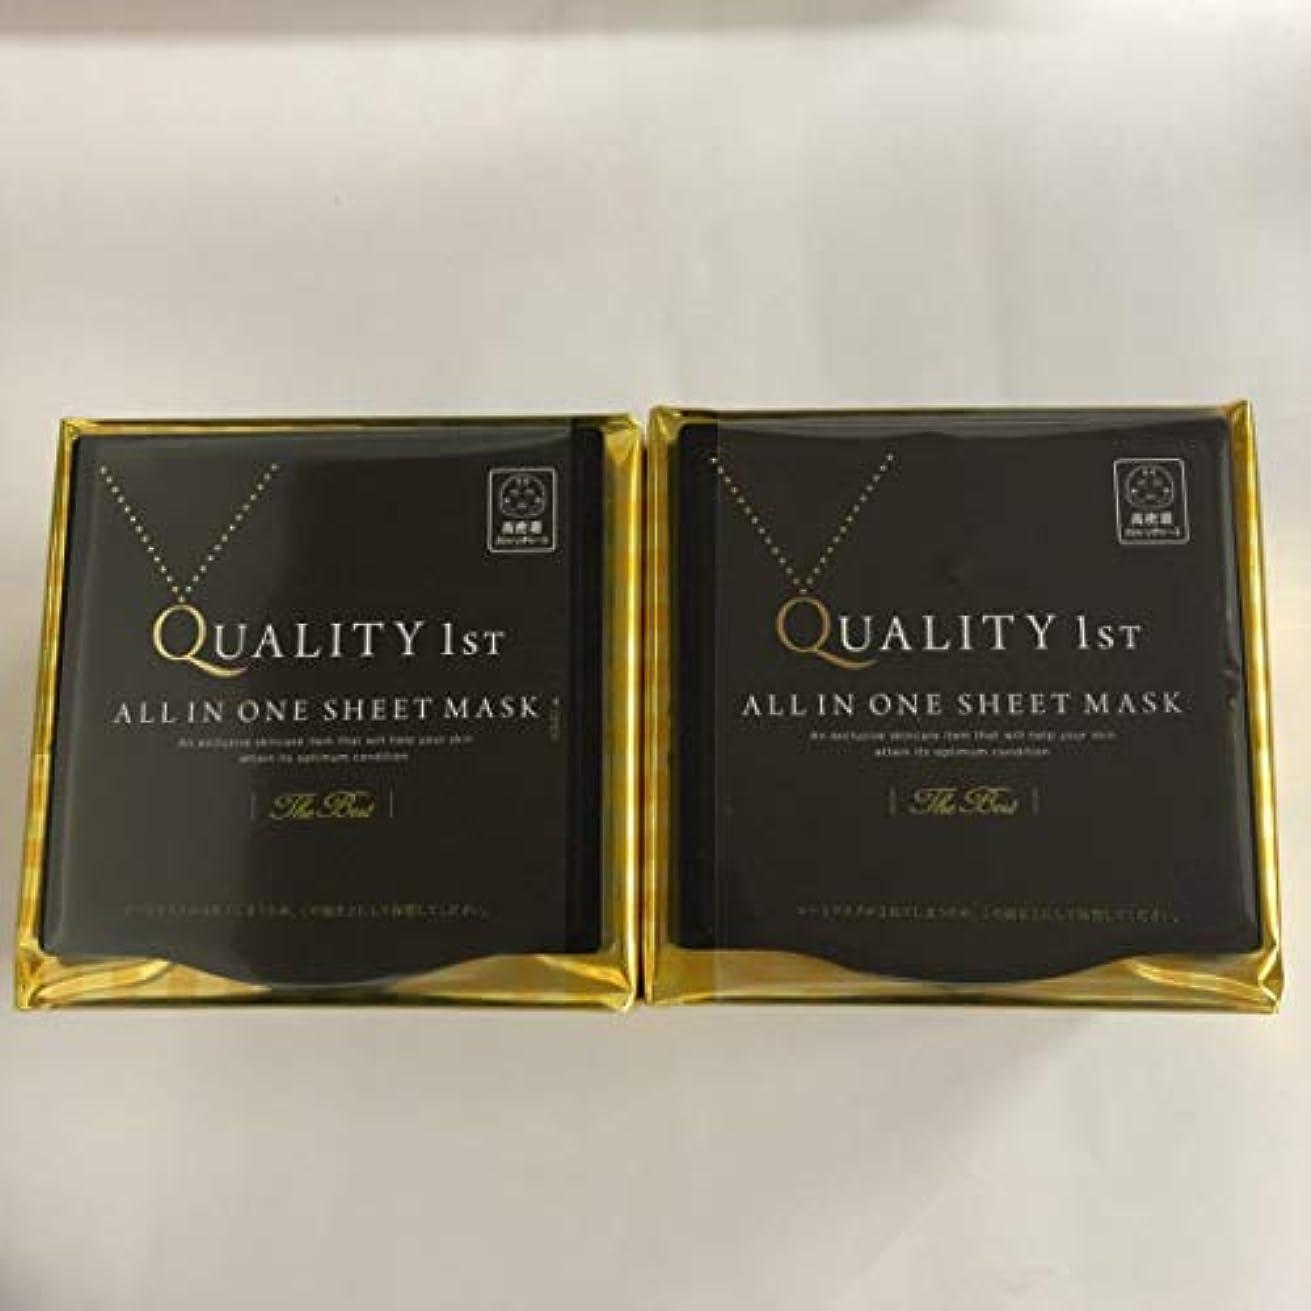 失業者バルク理解するオールインワンシートマスク ザ?ベストEX (30枚) BOX 2個セット+角質ケアサンプル2PC